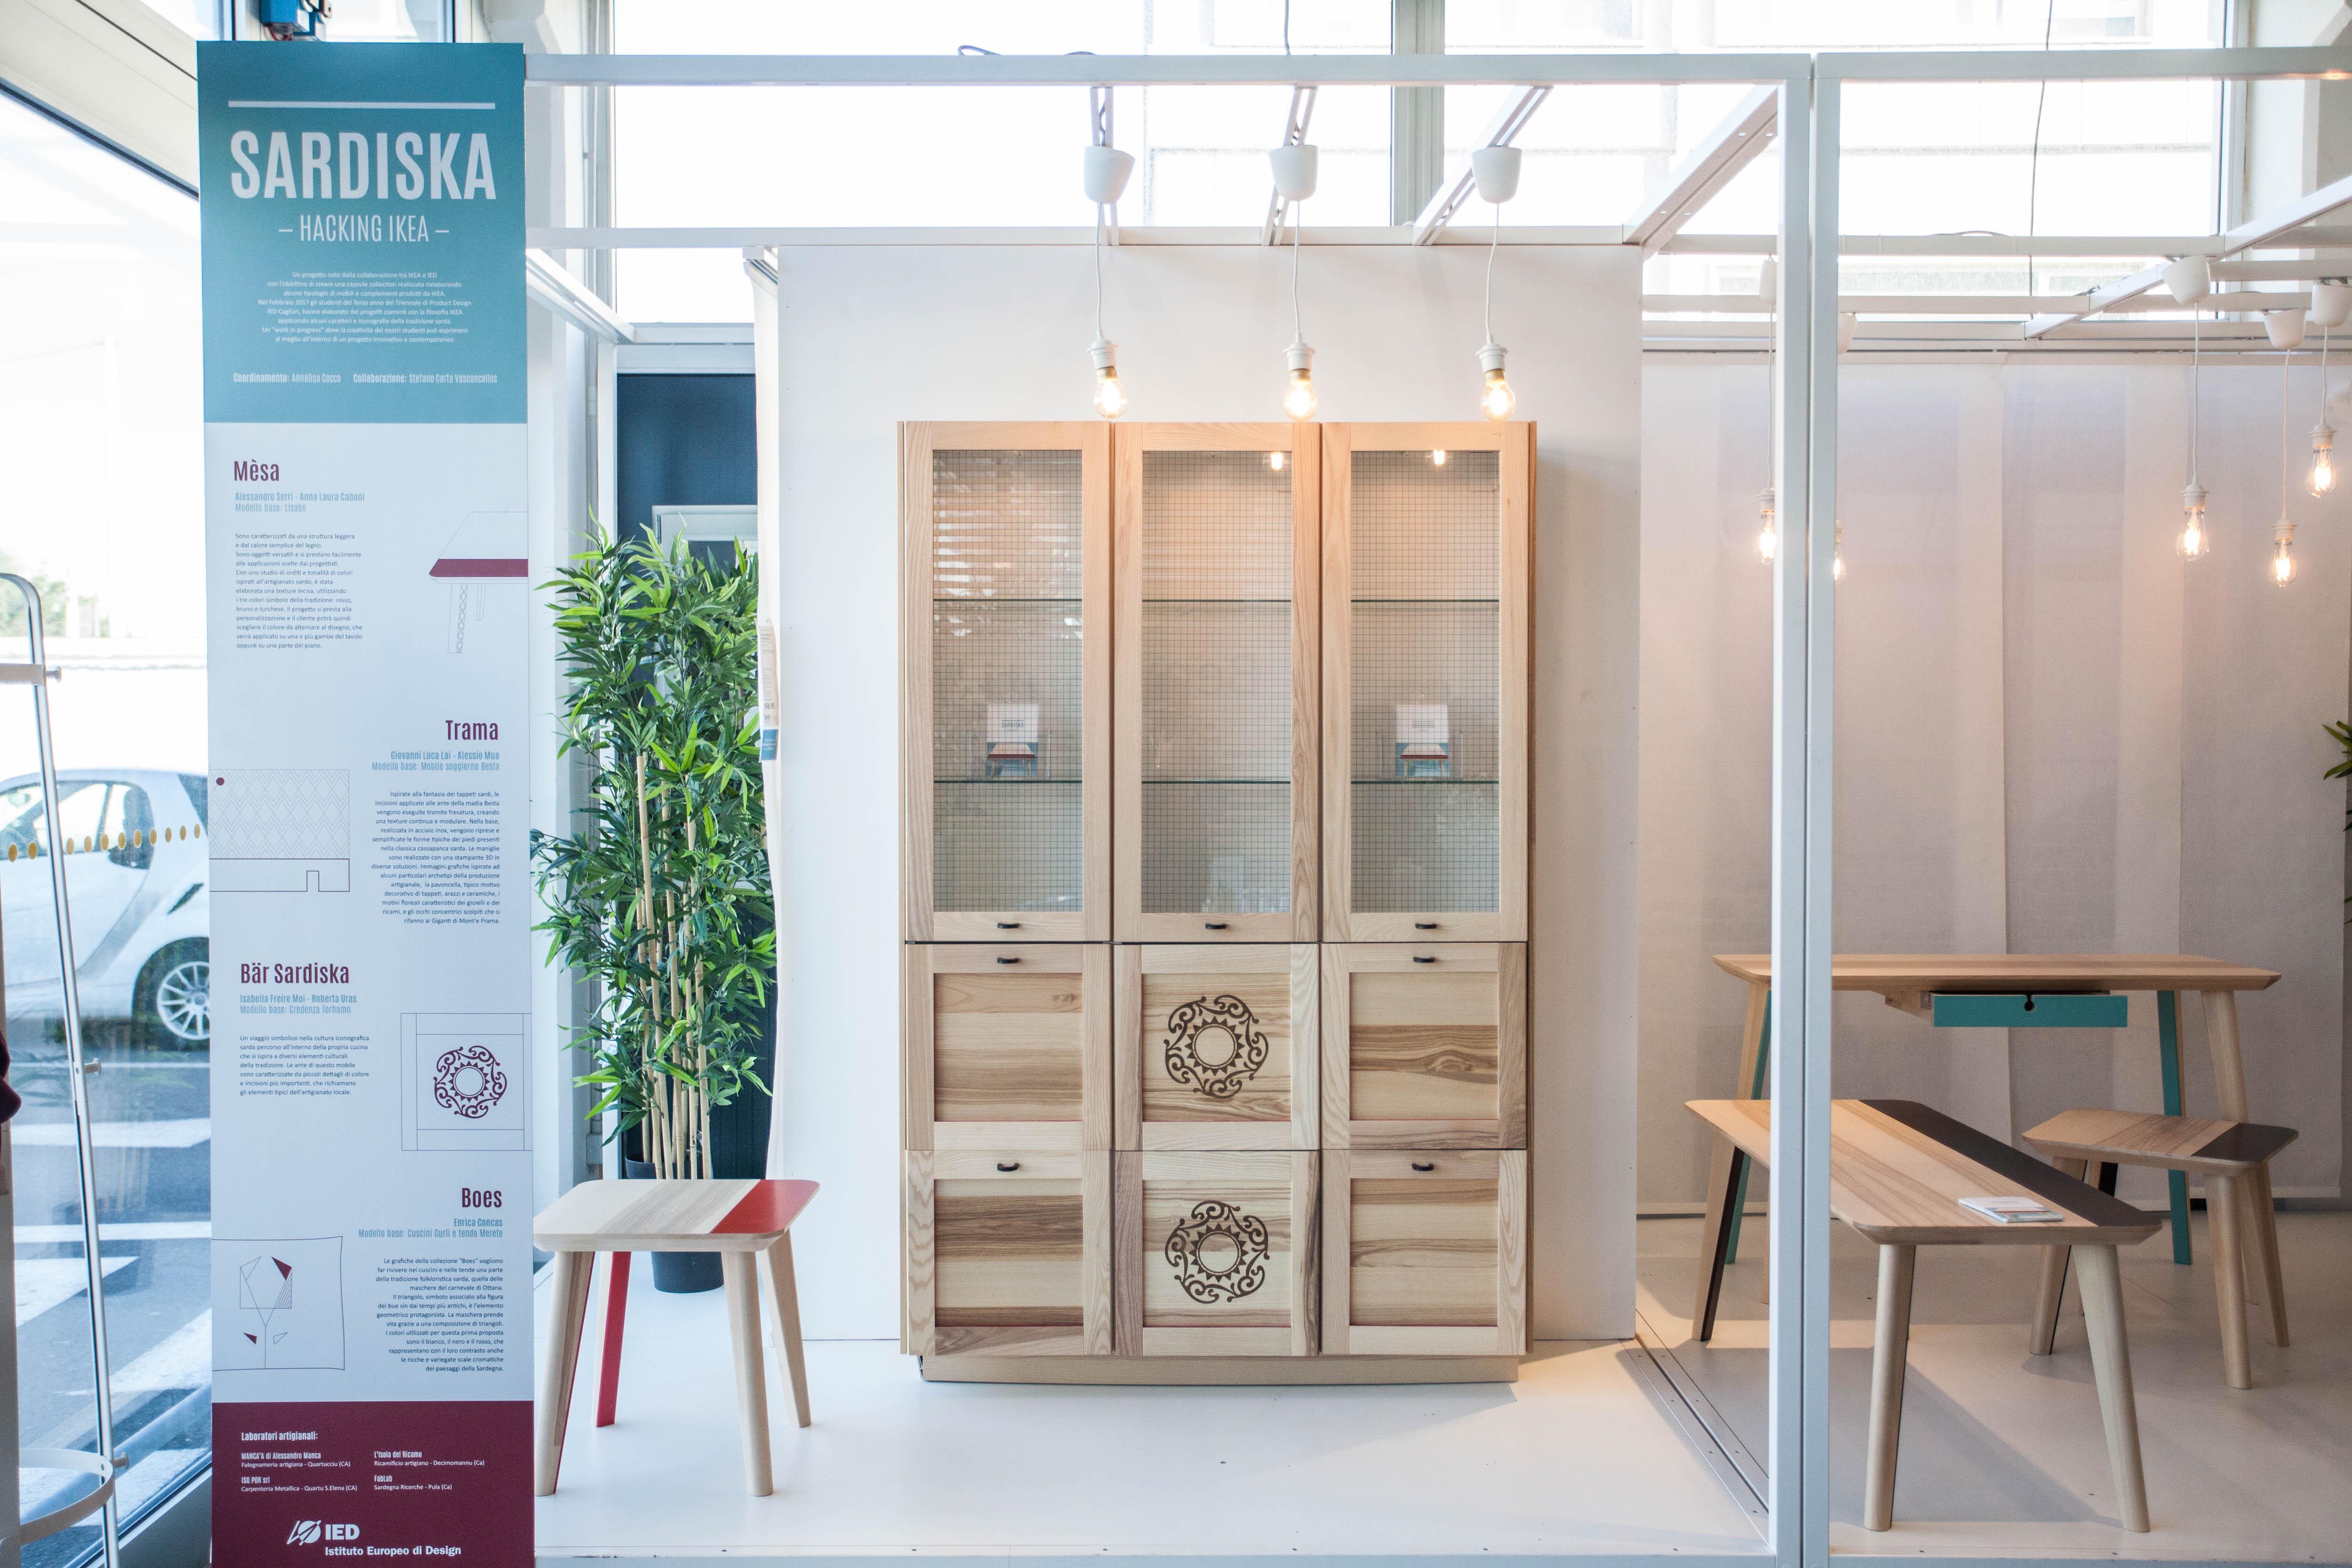 Credenza Ingresso Ikea : Sardiska ecco i mobili ikea rivisitati in chiave sarda